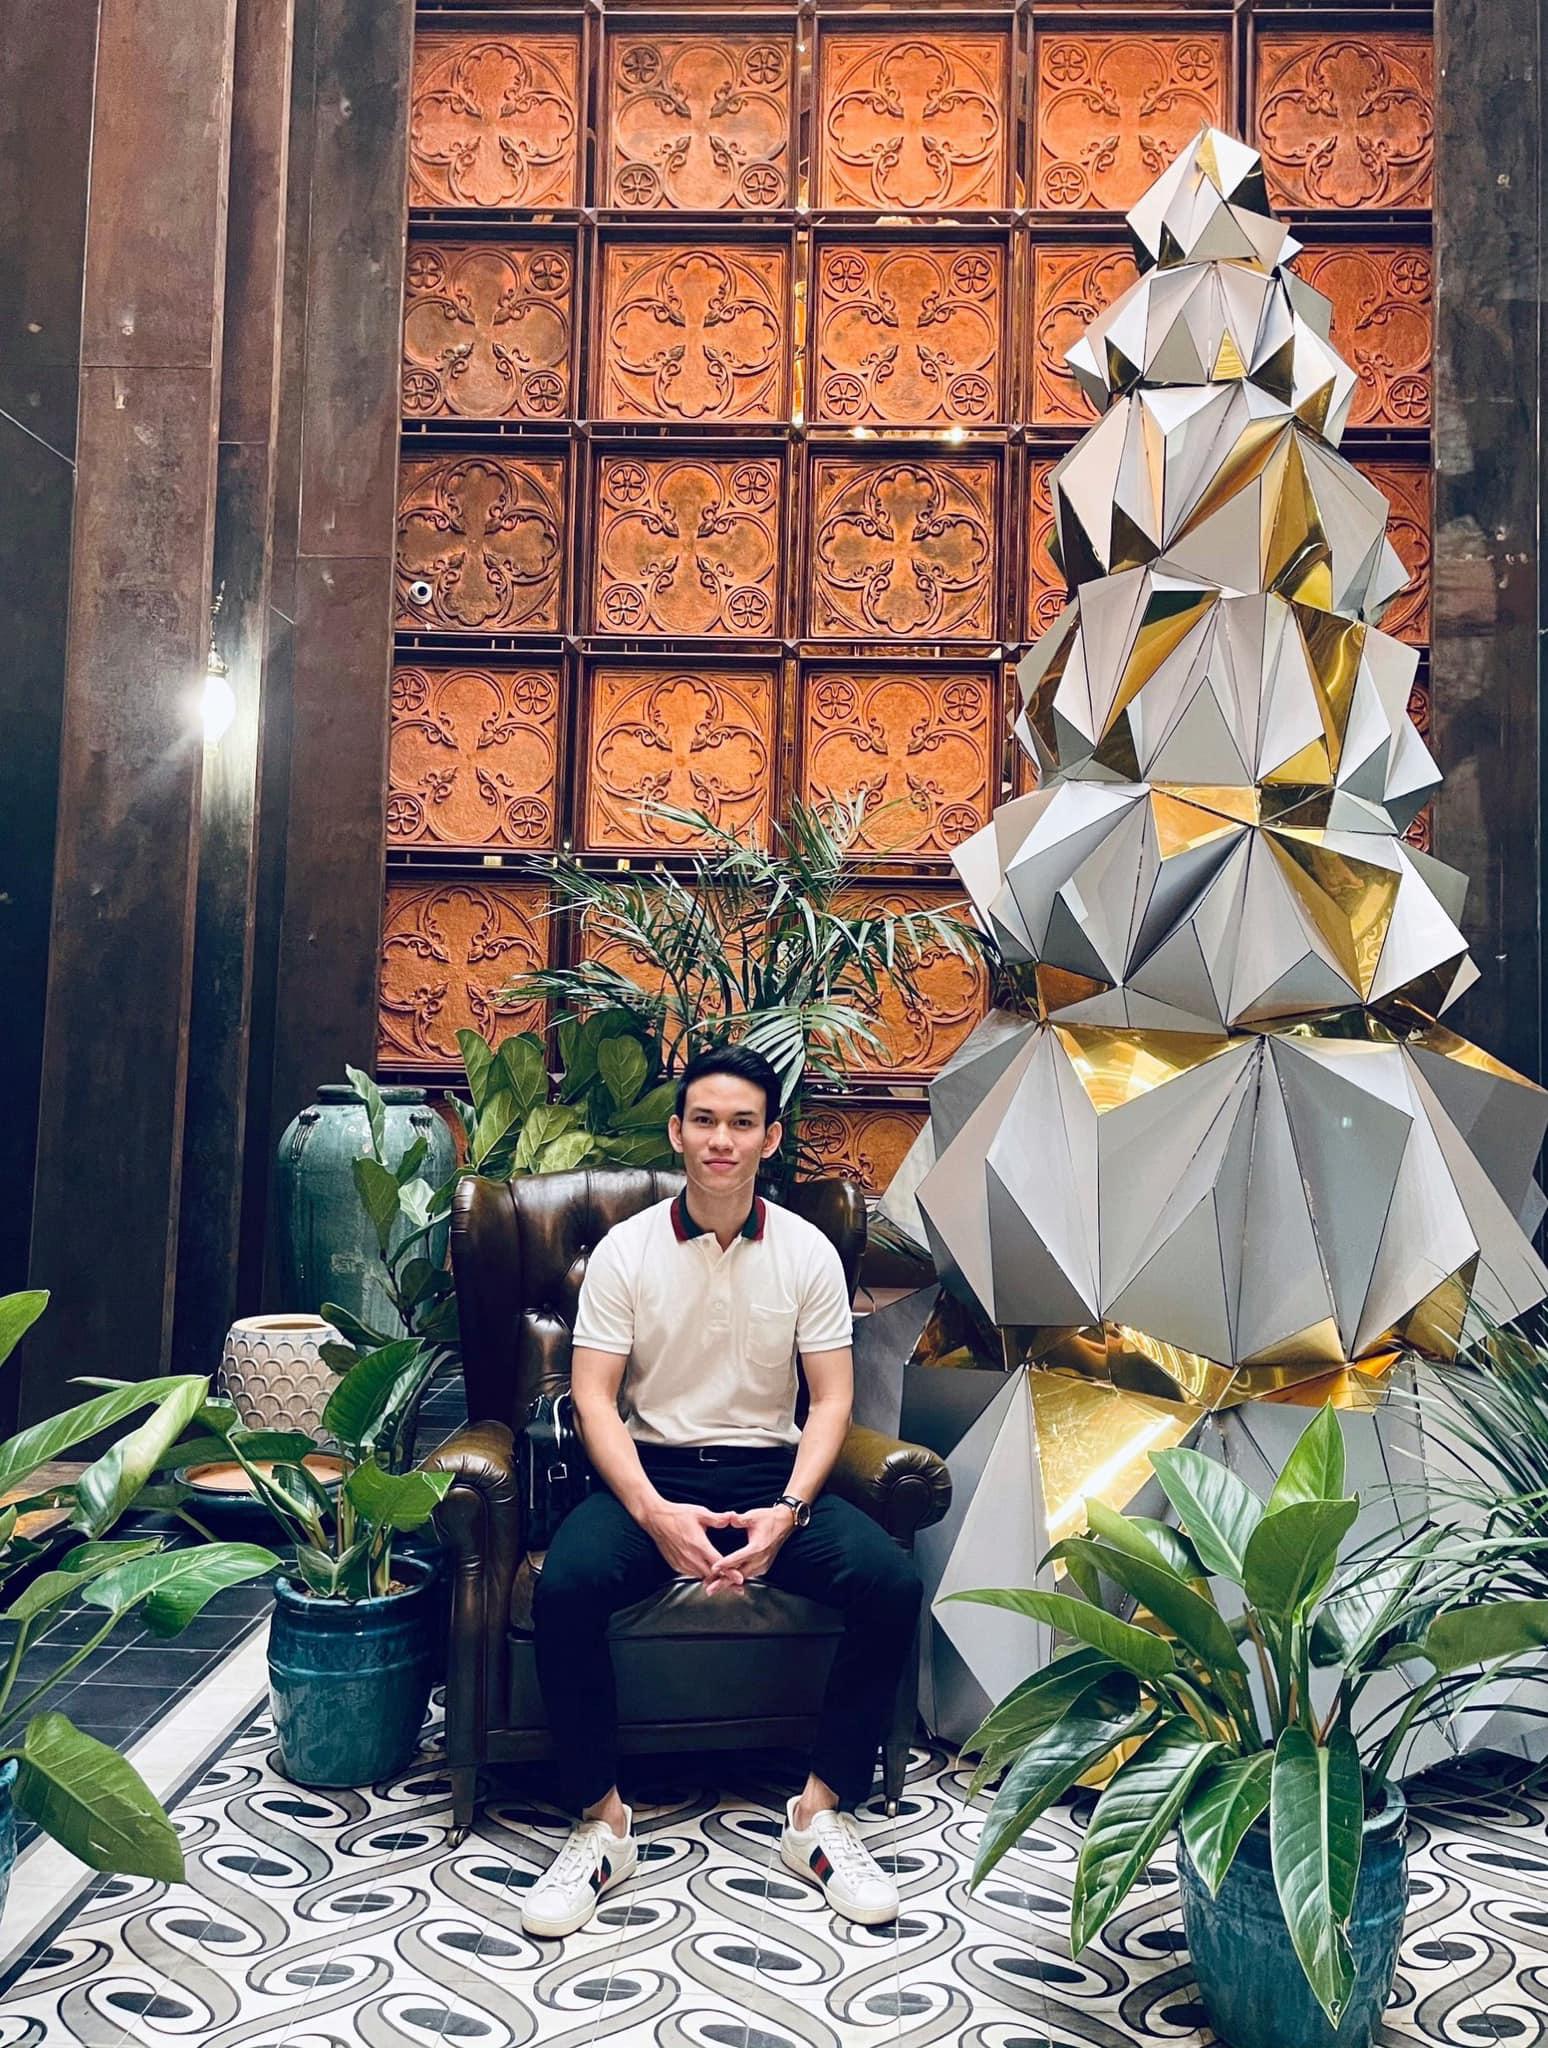 CEO Trần Thanh Tùng: bí quyết thành công ở lứa tuổi 20 - Ảnh 1.